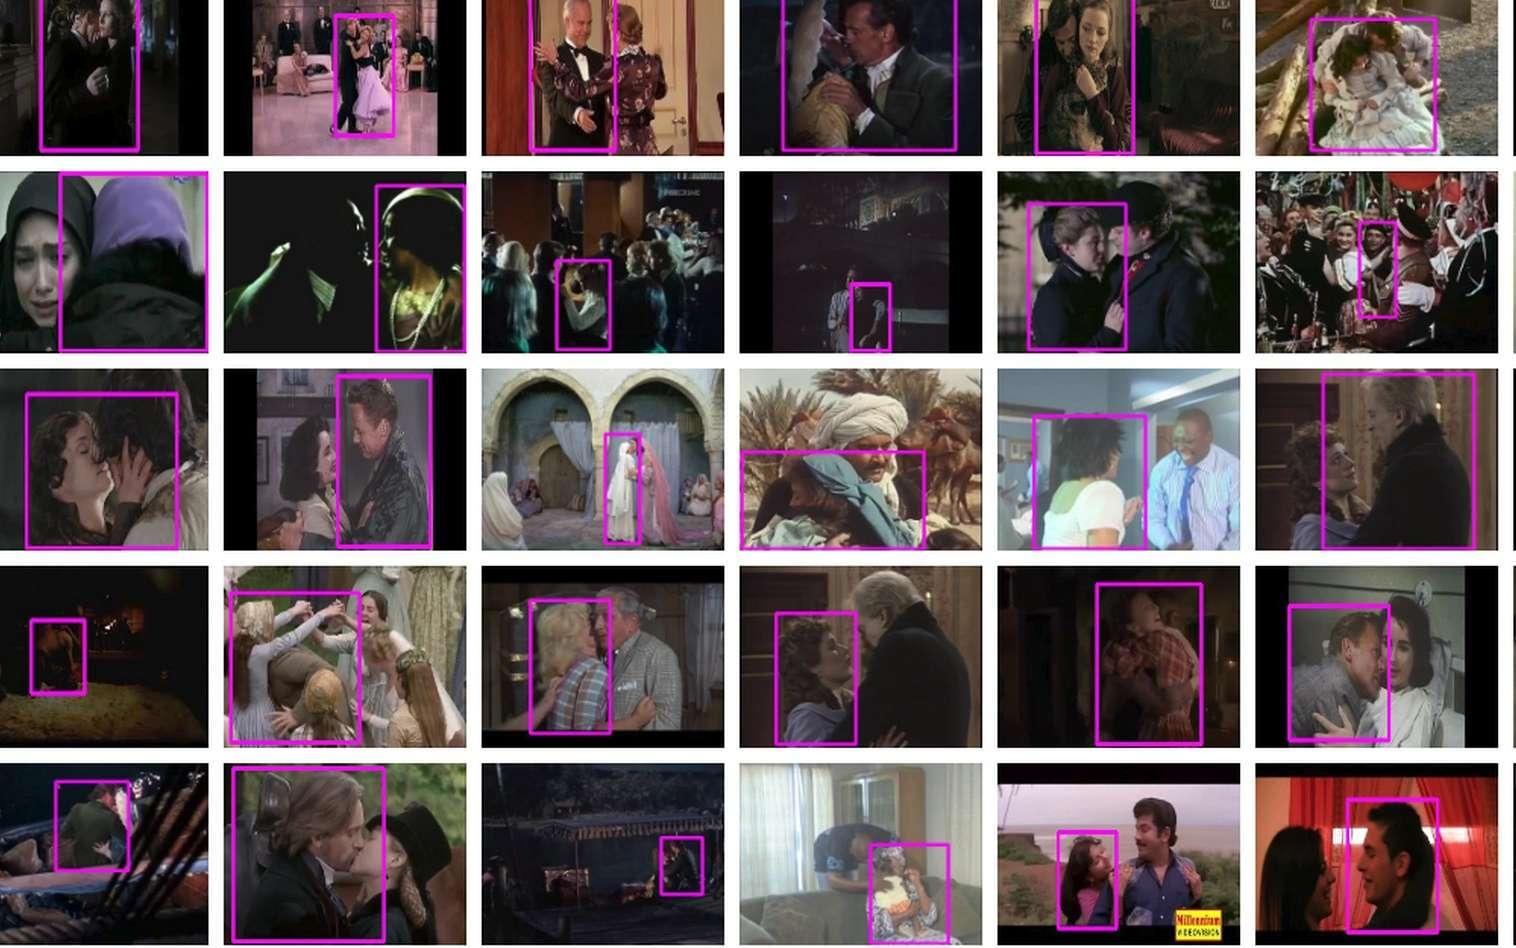 Ces images représentent un échantillon des extraits vidéo de la base de données Google qui décrivent les actions de chaque personne. © Google